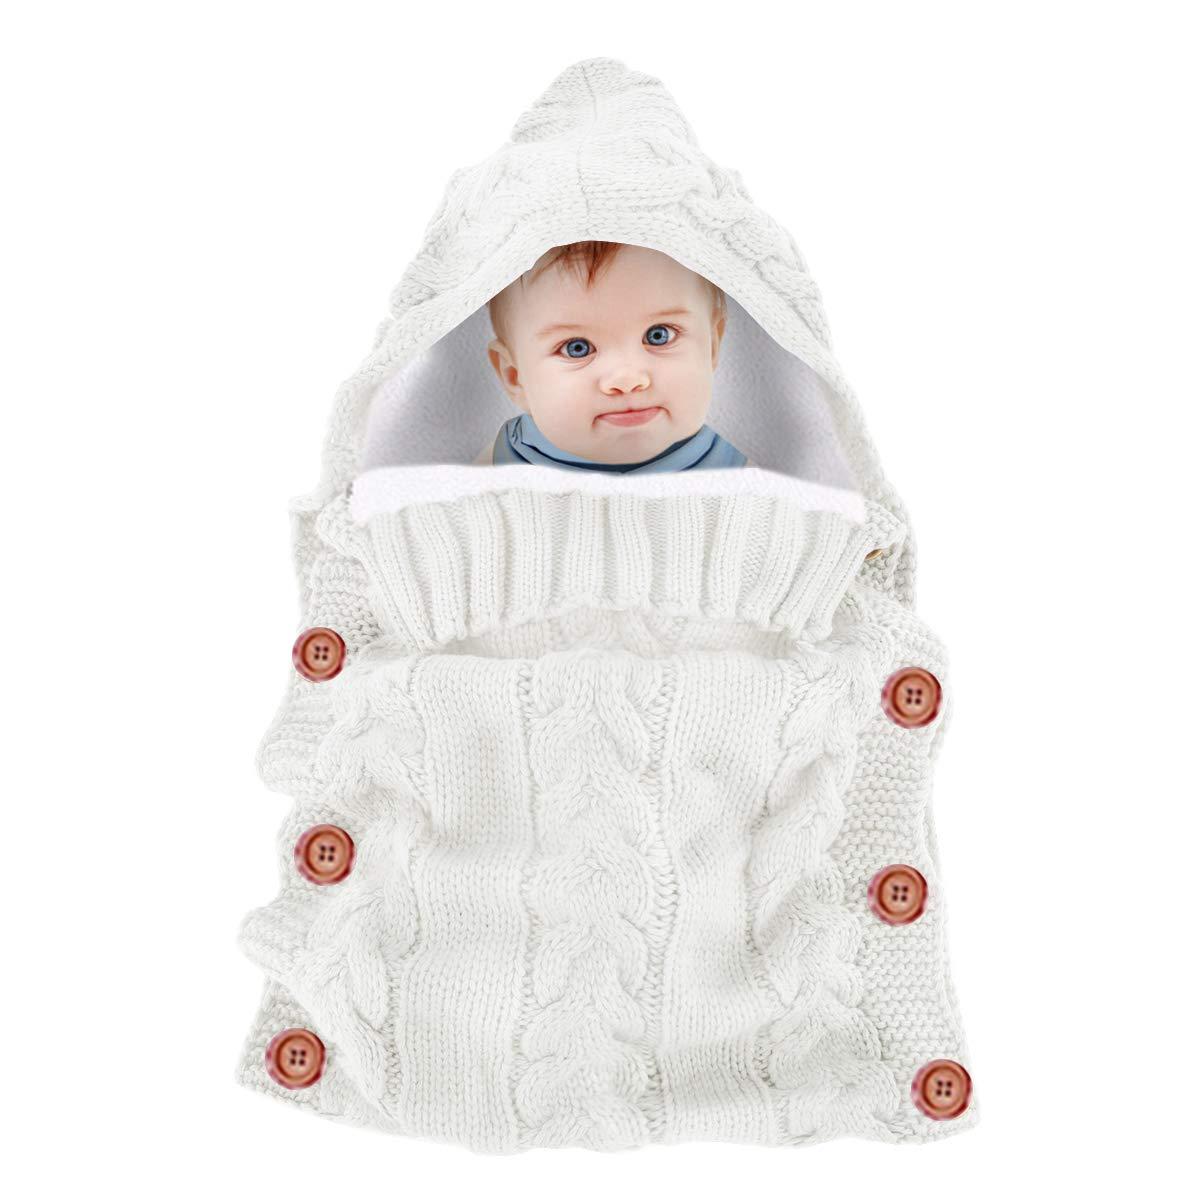 forro polar, tejido de ganchillo, con capucha, para beb/és de 0 a 12 meses Yinuoday Saco de dormir para beb/é Without Fleece Grey Talla:30X14